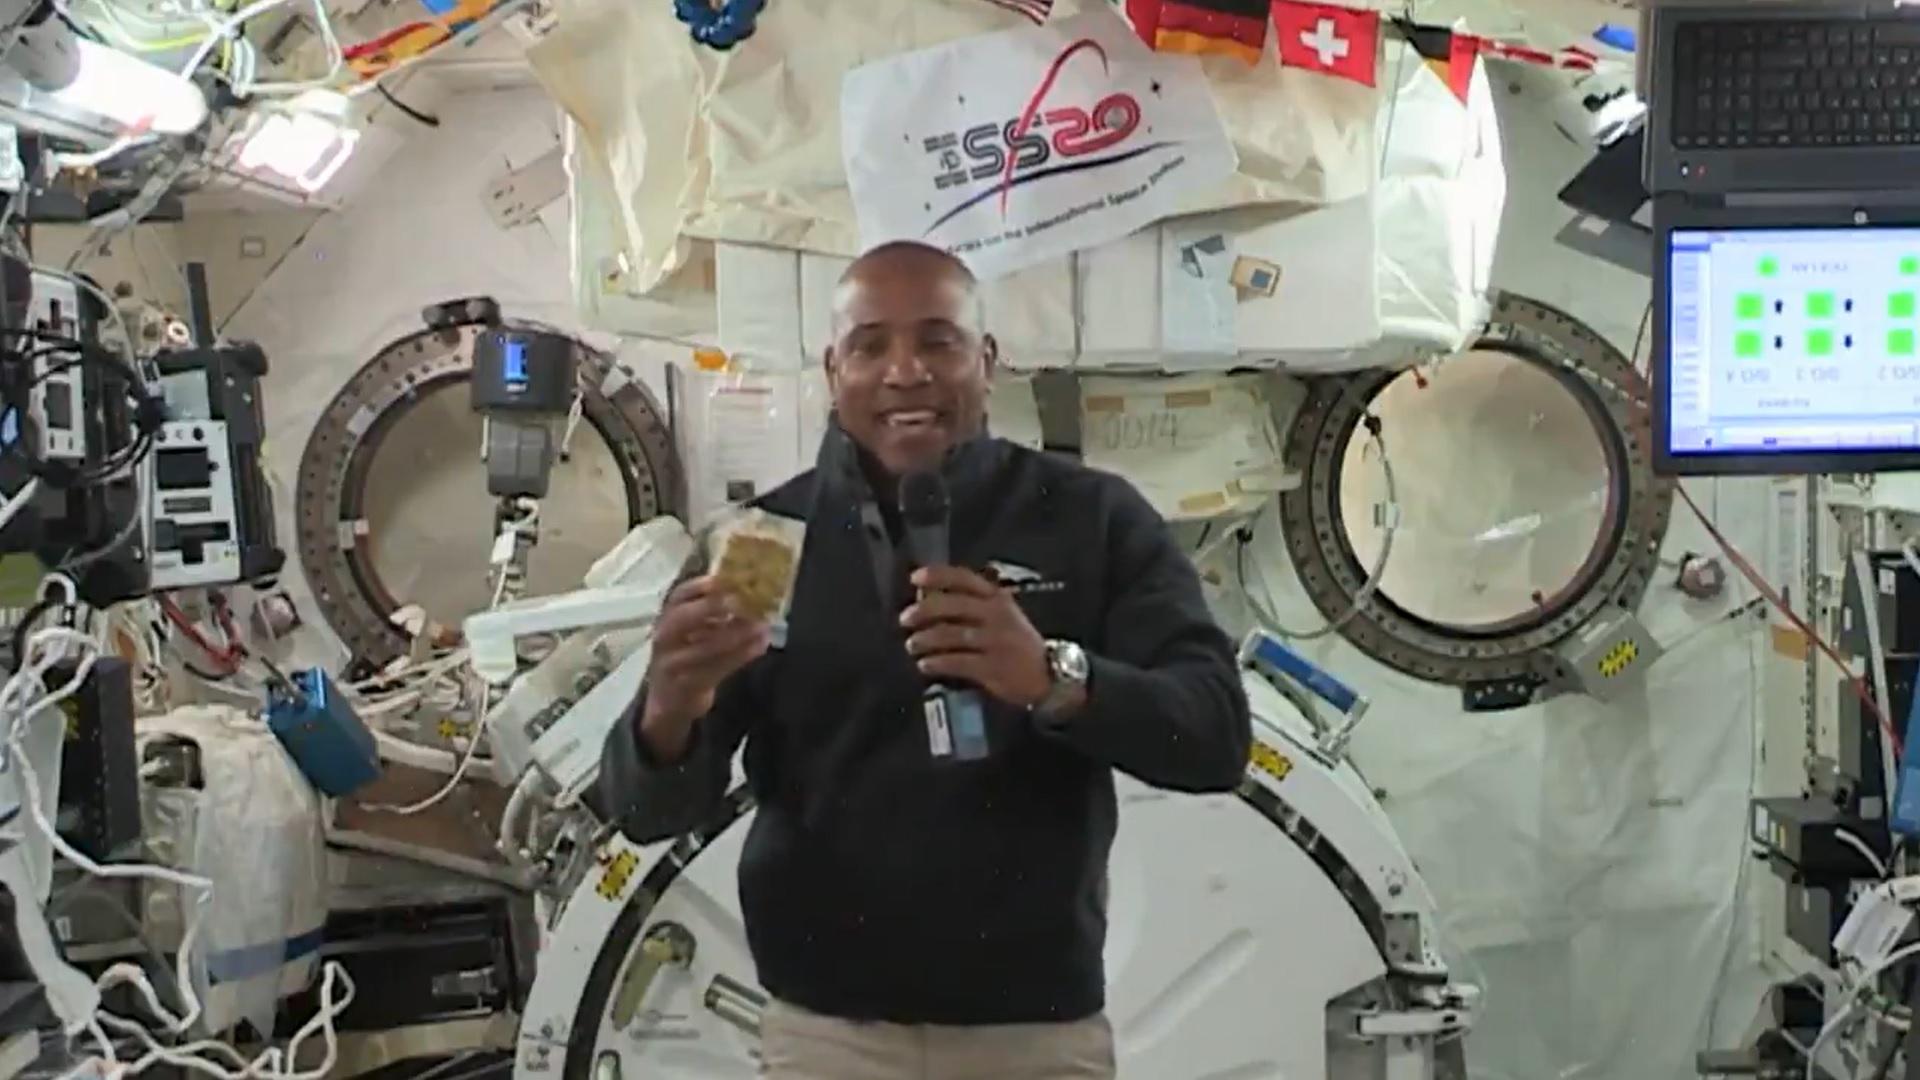 L'astronaute de la NASA Victor Glover présente une vinaigrette au pain de maïs sur la Station spatiale internationale, dans le cadre du dîner de Thanksgiving de l'équipage de l'Expedition 64, dans une vidéo du repas des fêtes des astronautes.